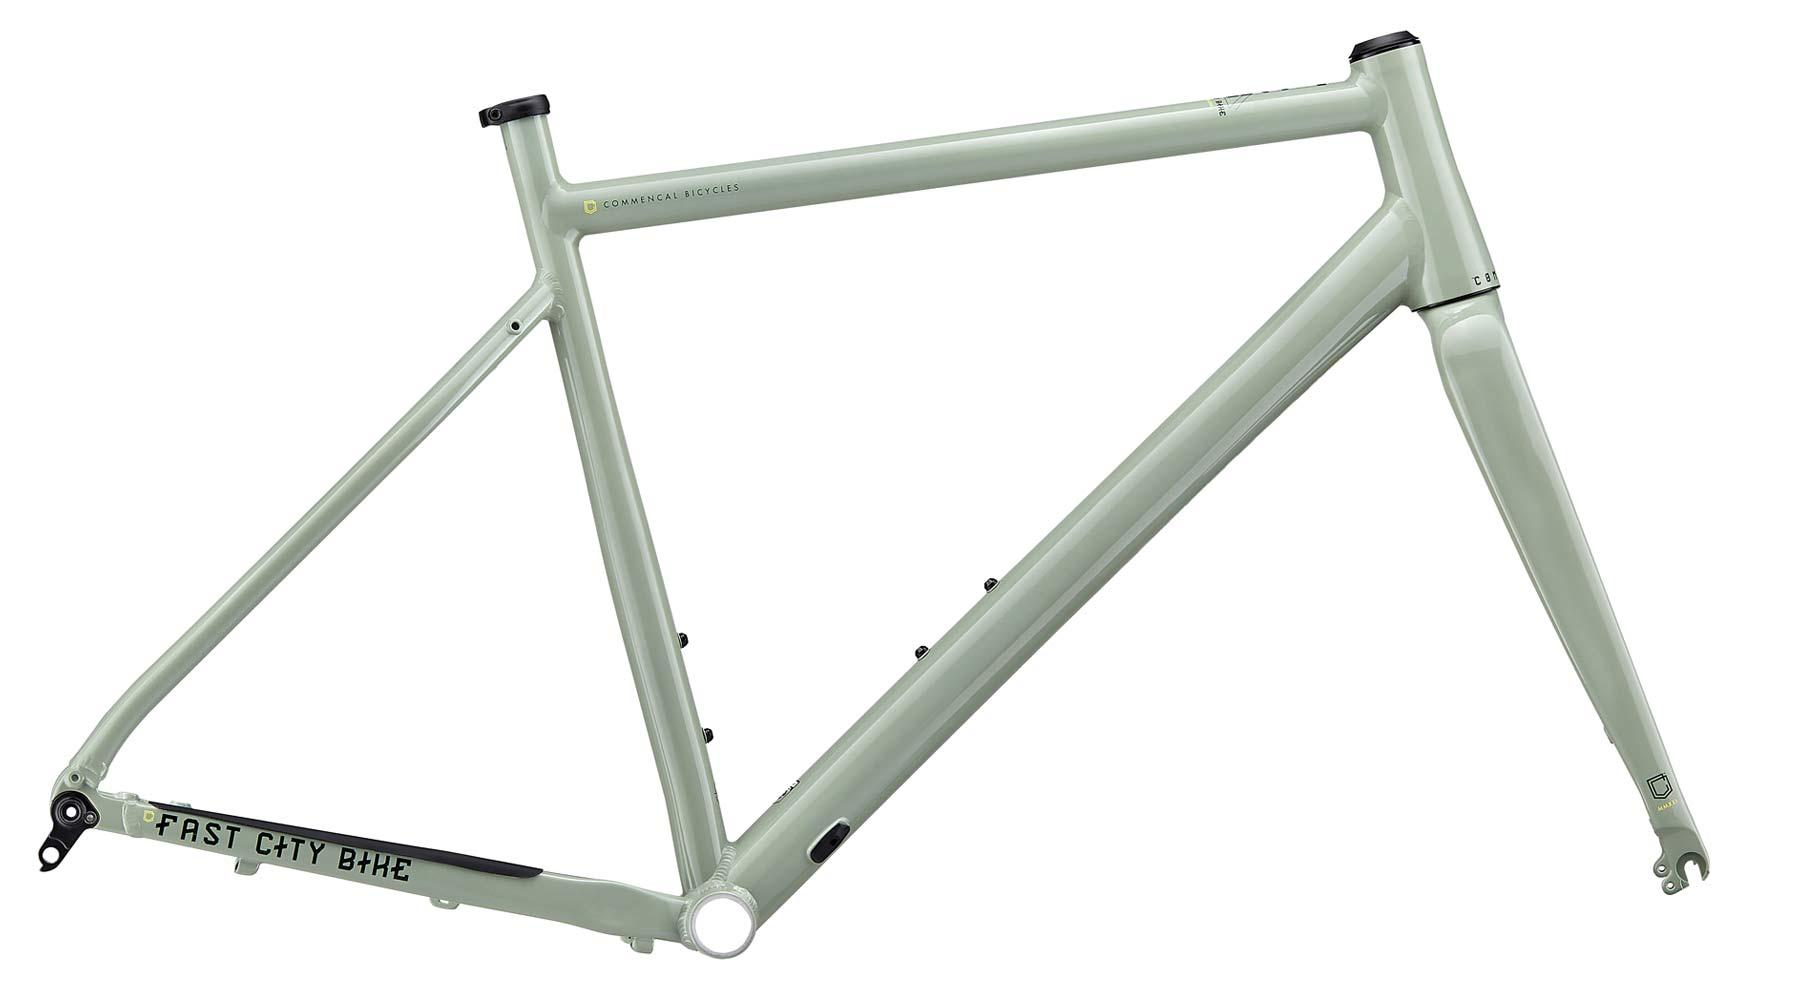 Commencal FCB Gravel project frameset, frame kit option, custom gravel bike build,Heritage green frame